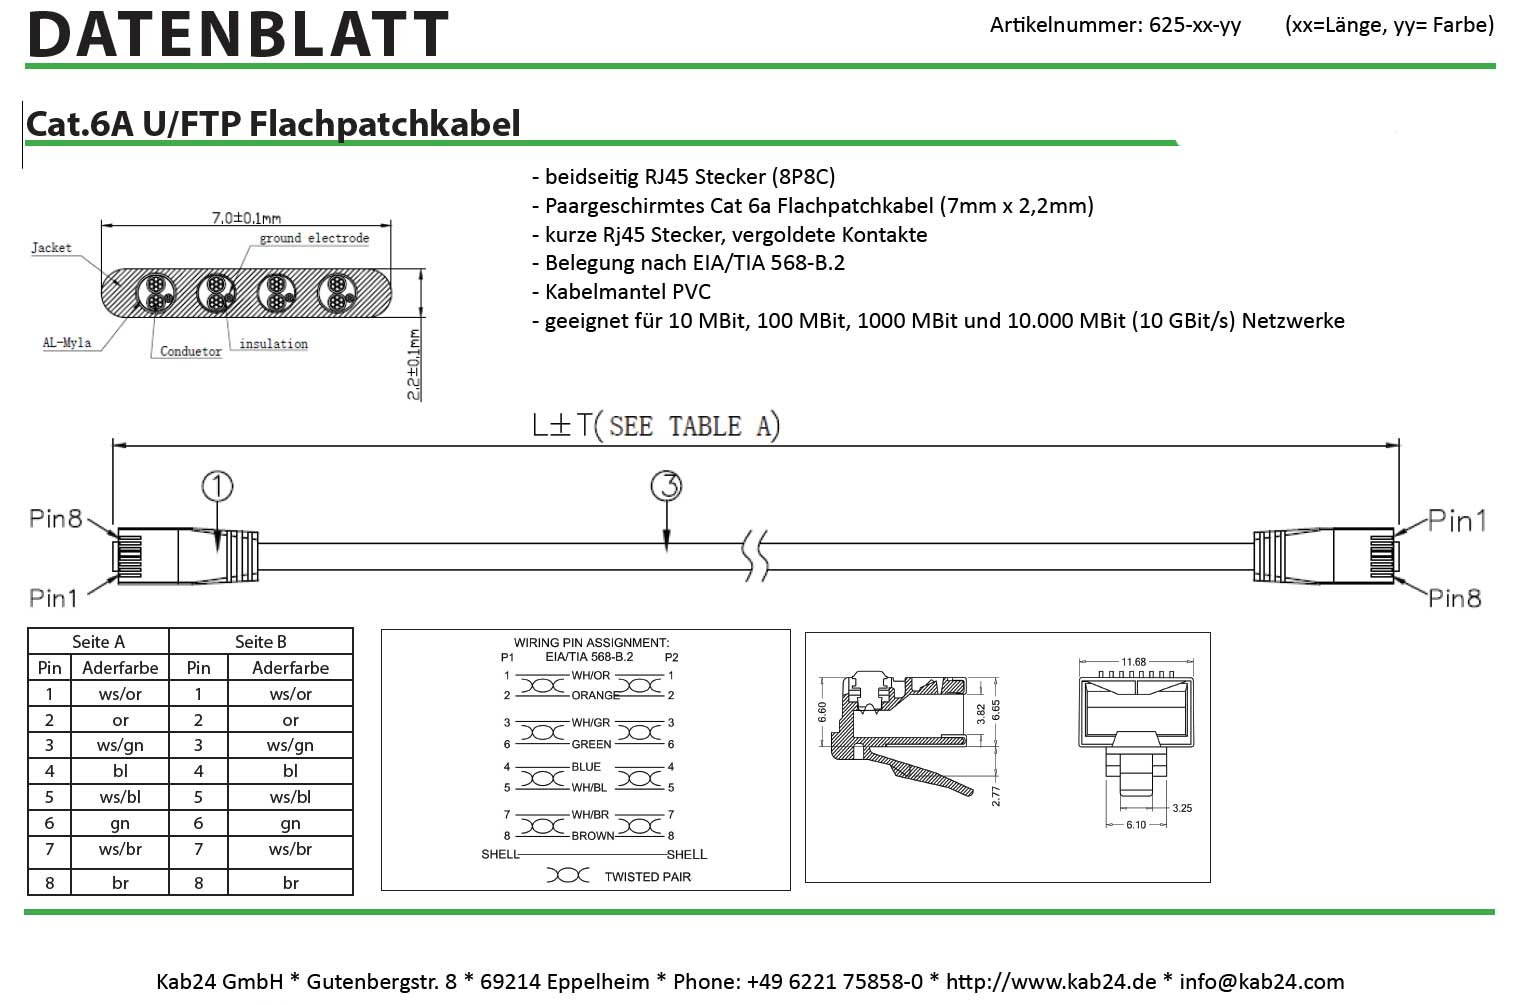 Erfreut Rj45 Schaltplan Buchse Fotos - Der Schaltplan - greigo.com